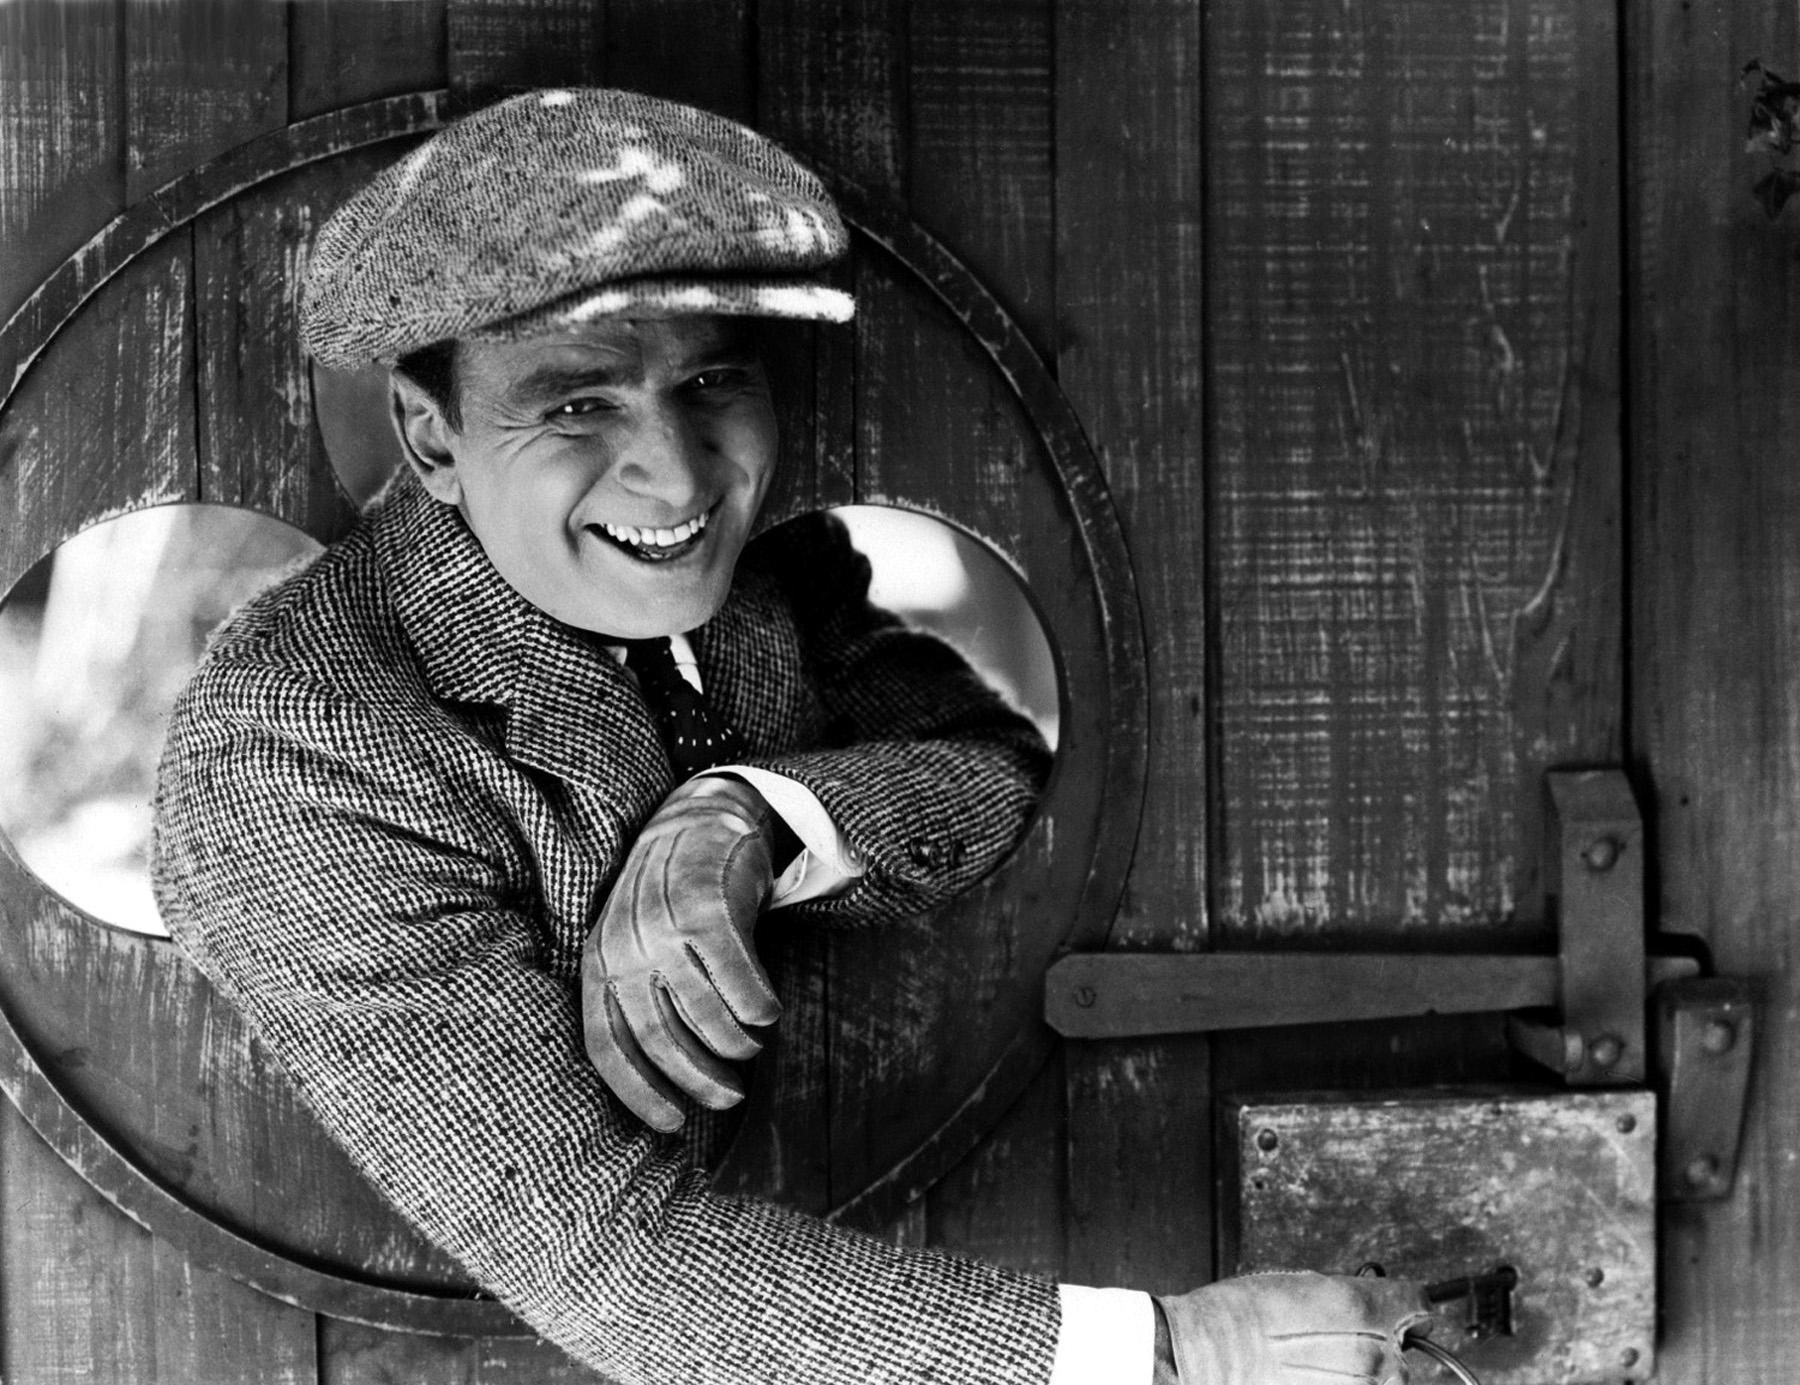 Douglas Fairbanks, Sr